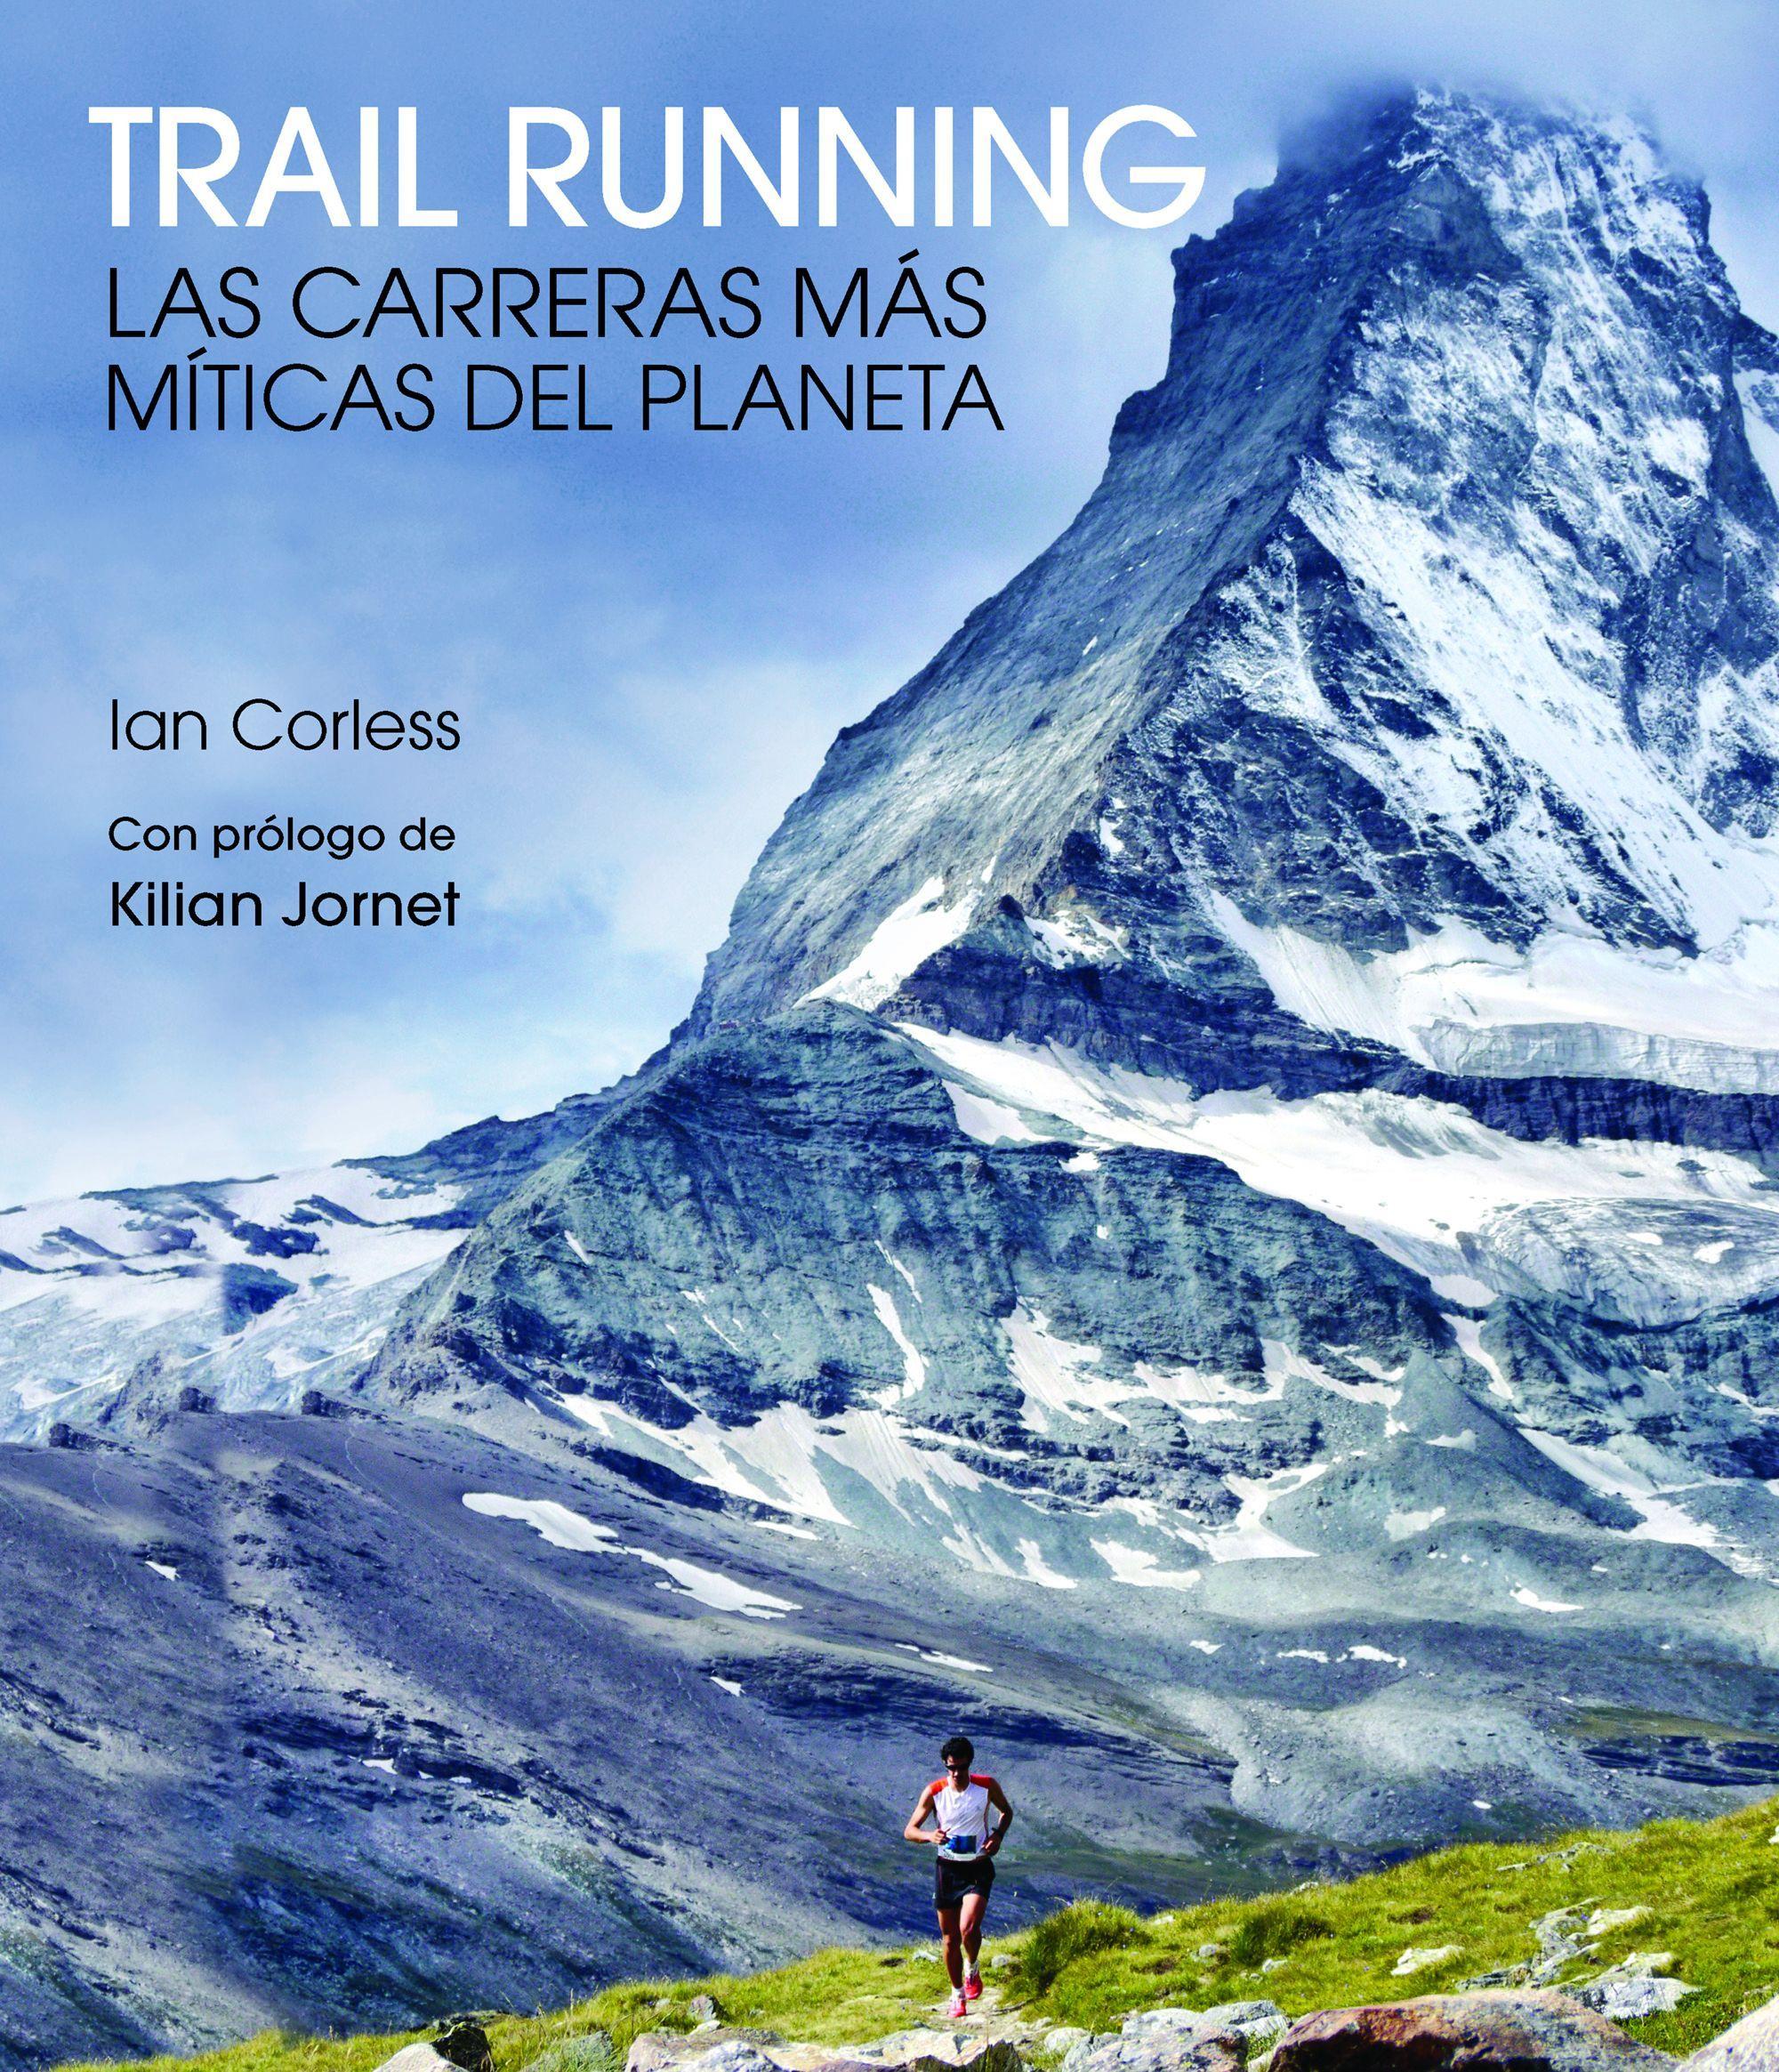 TRAIL RUNNING. LAS CARRERAS MÁS MÍTICAS